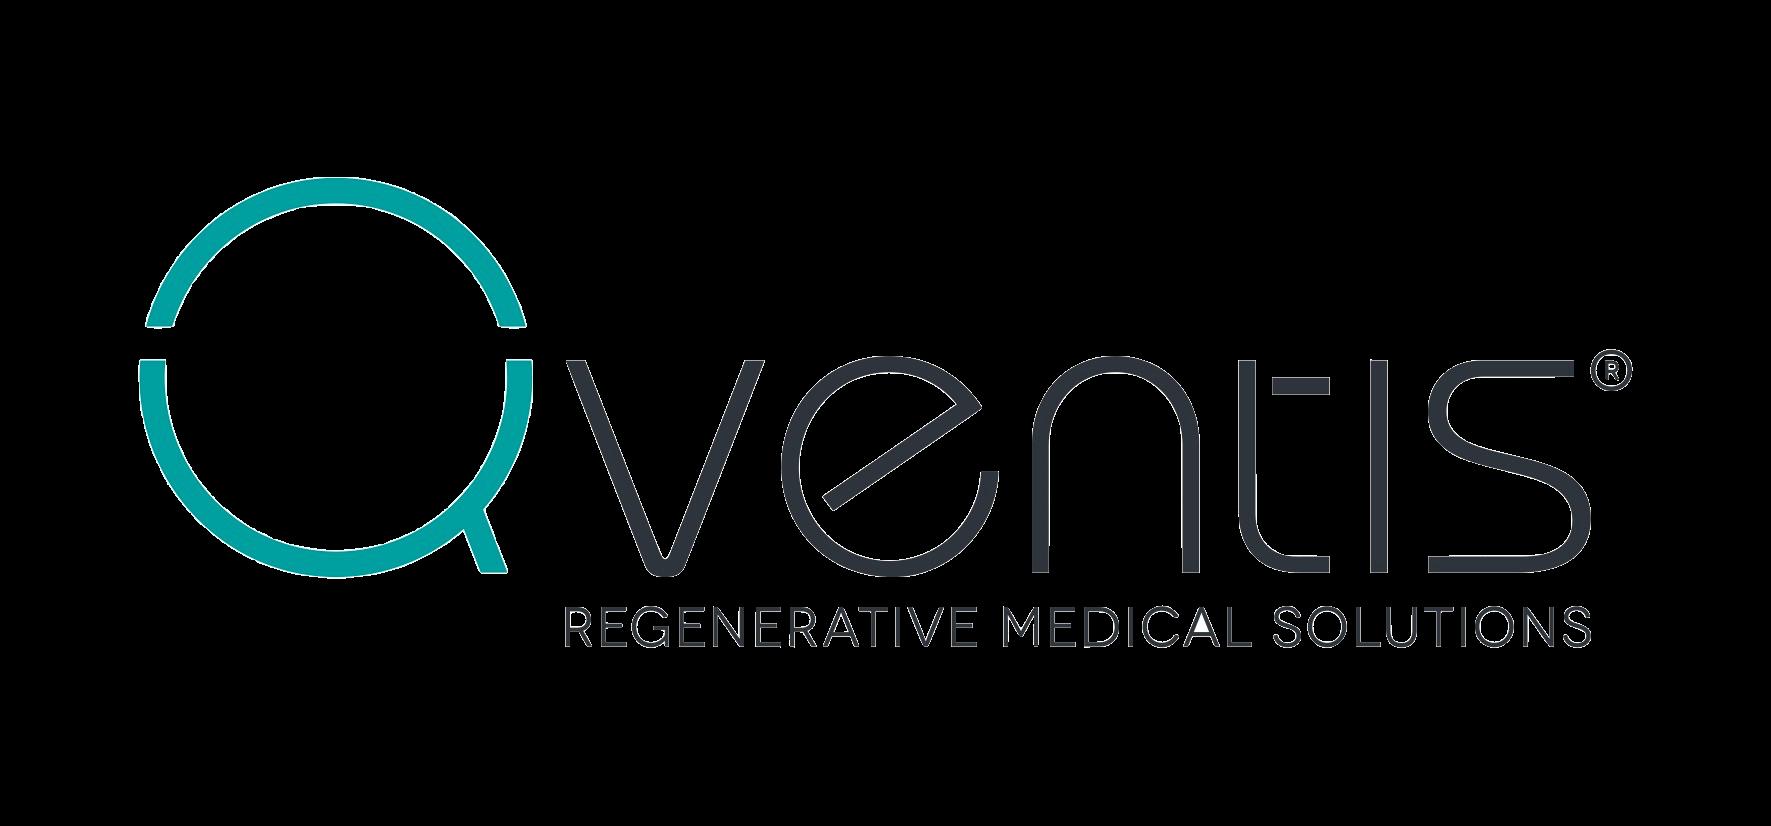 Qventis GmbH